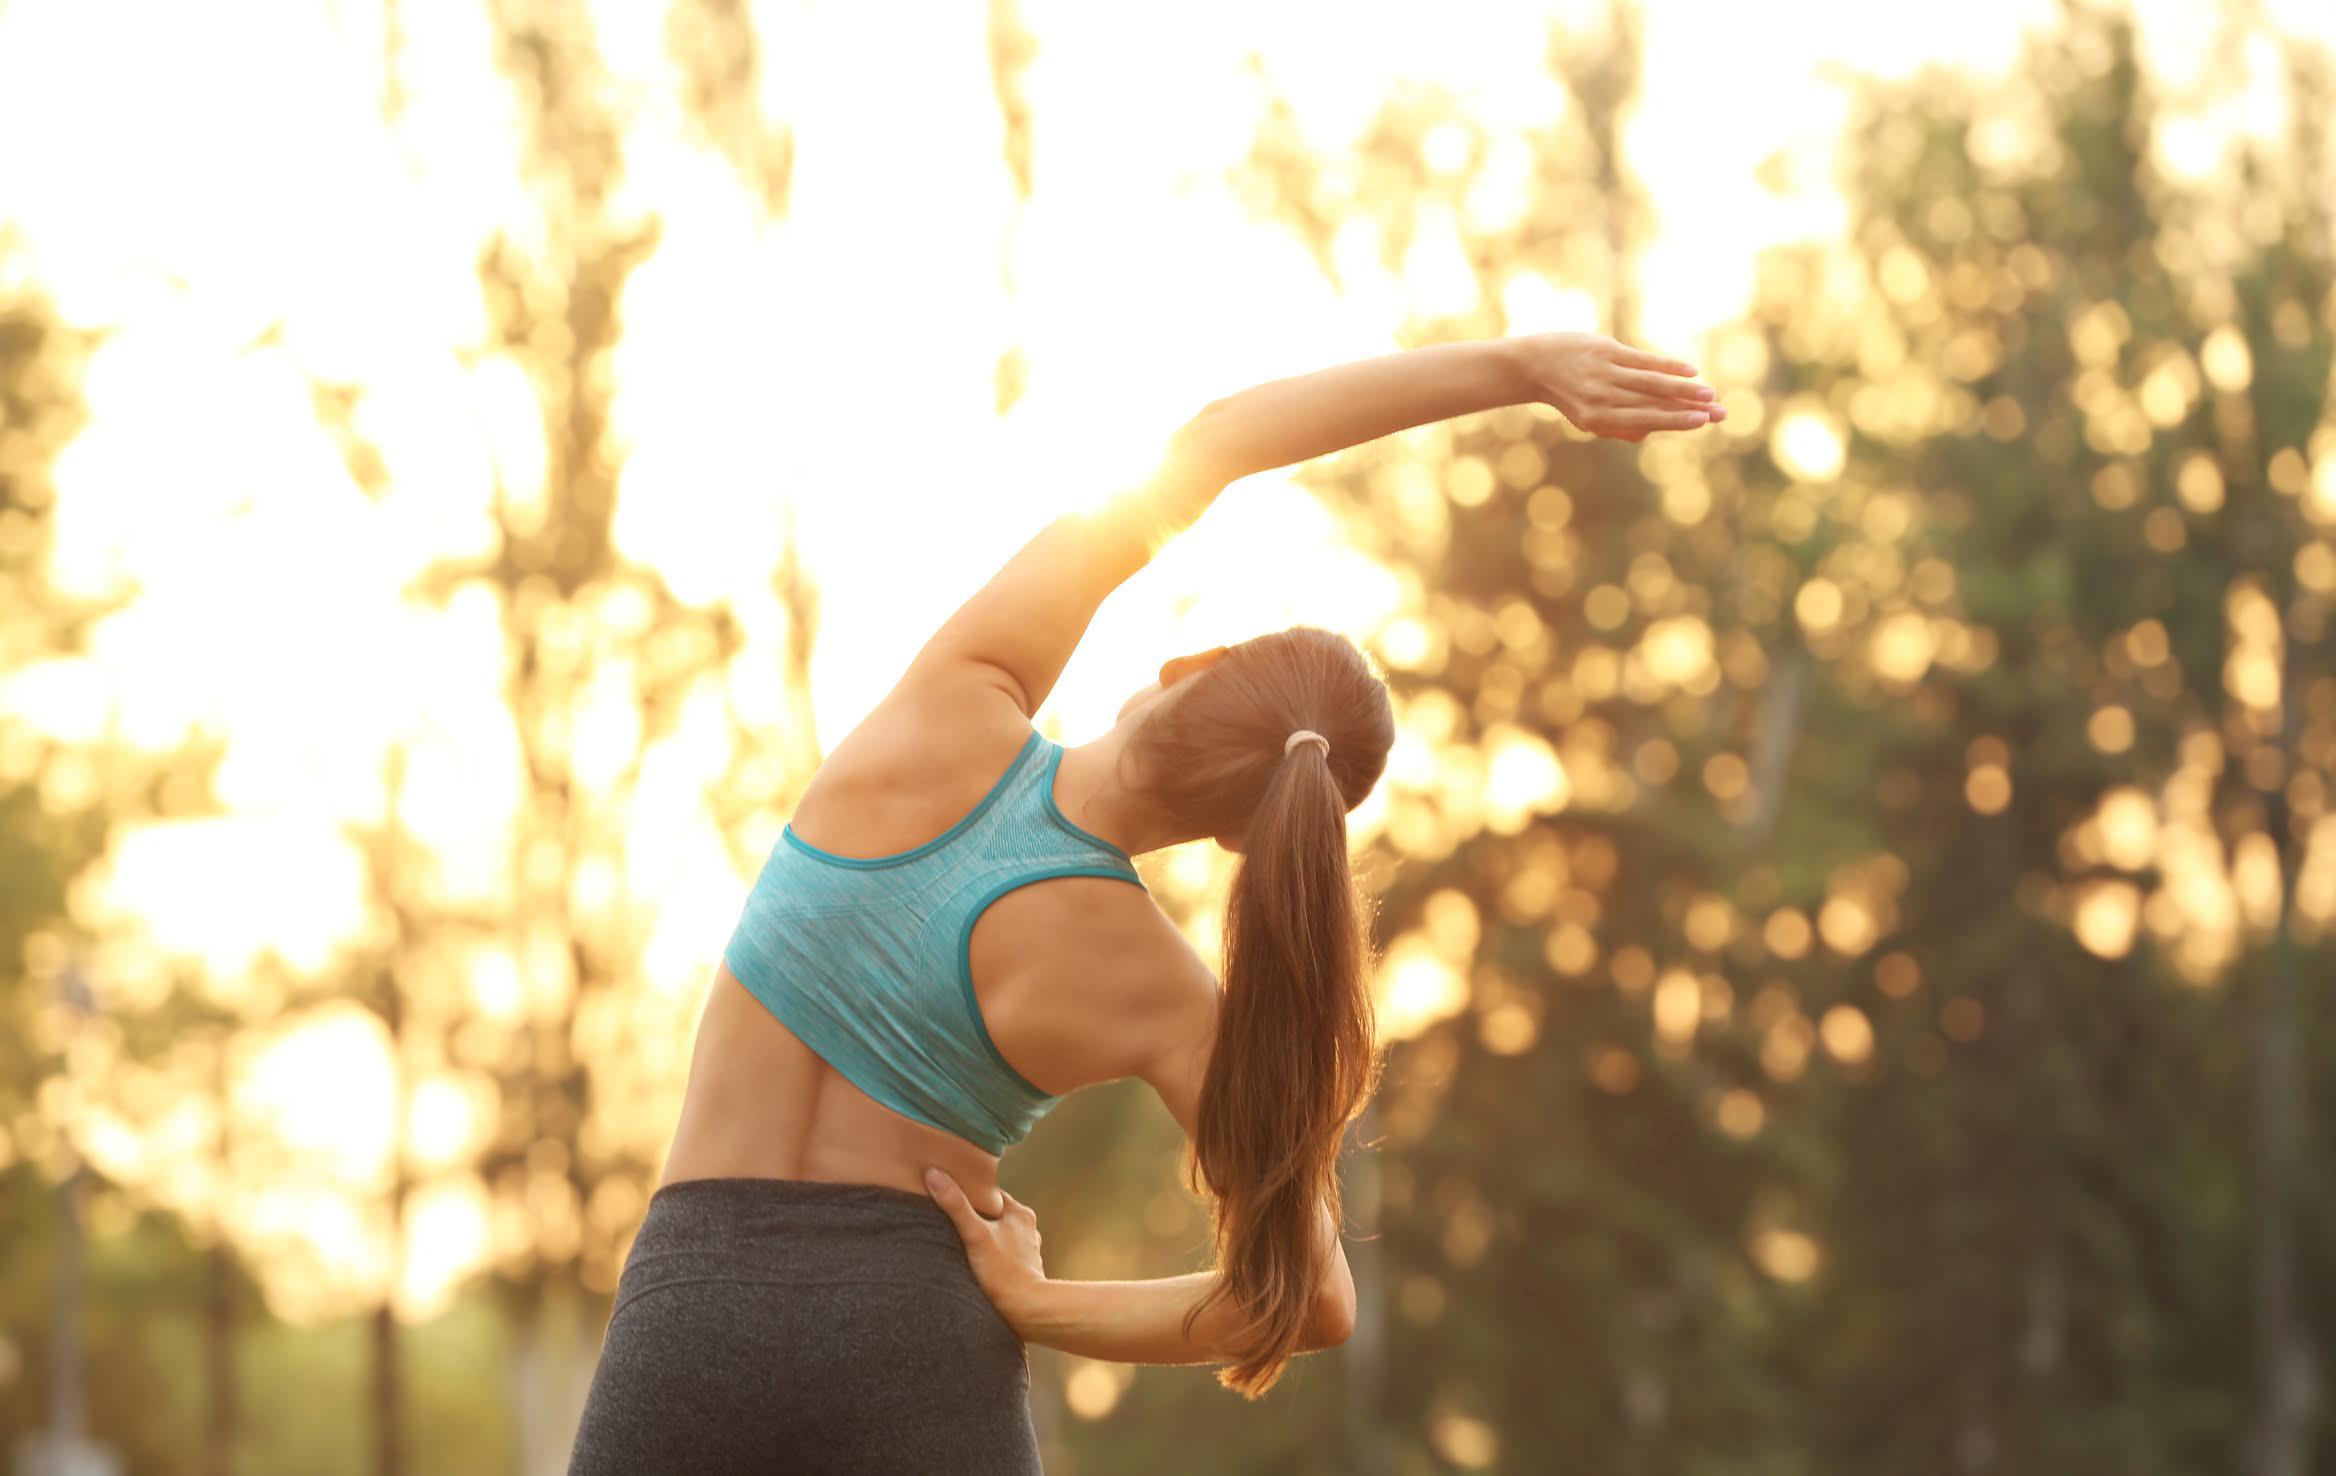 Wellness/ Preventative Care -